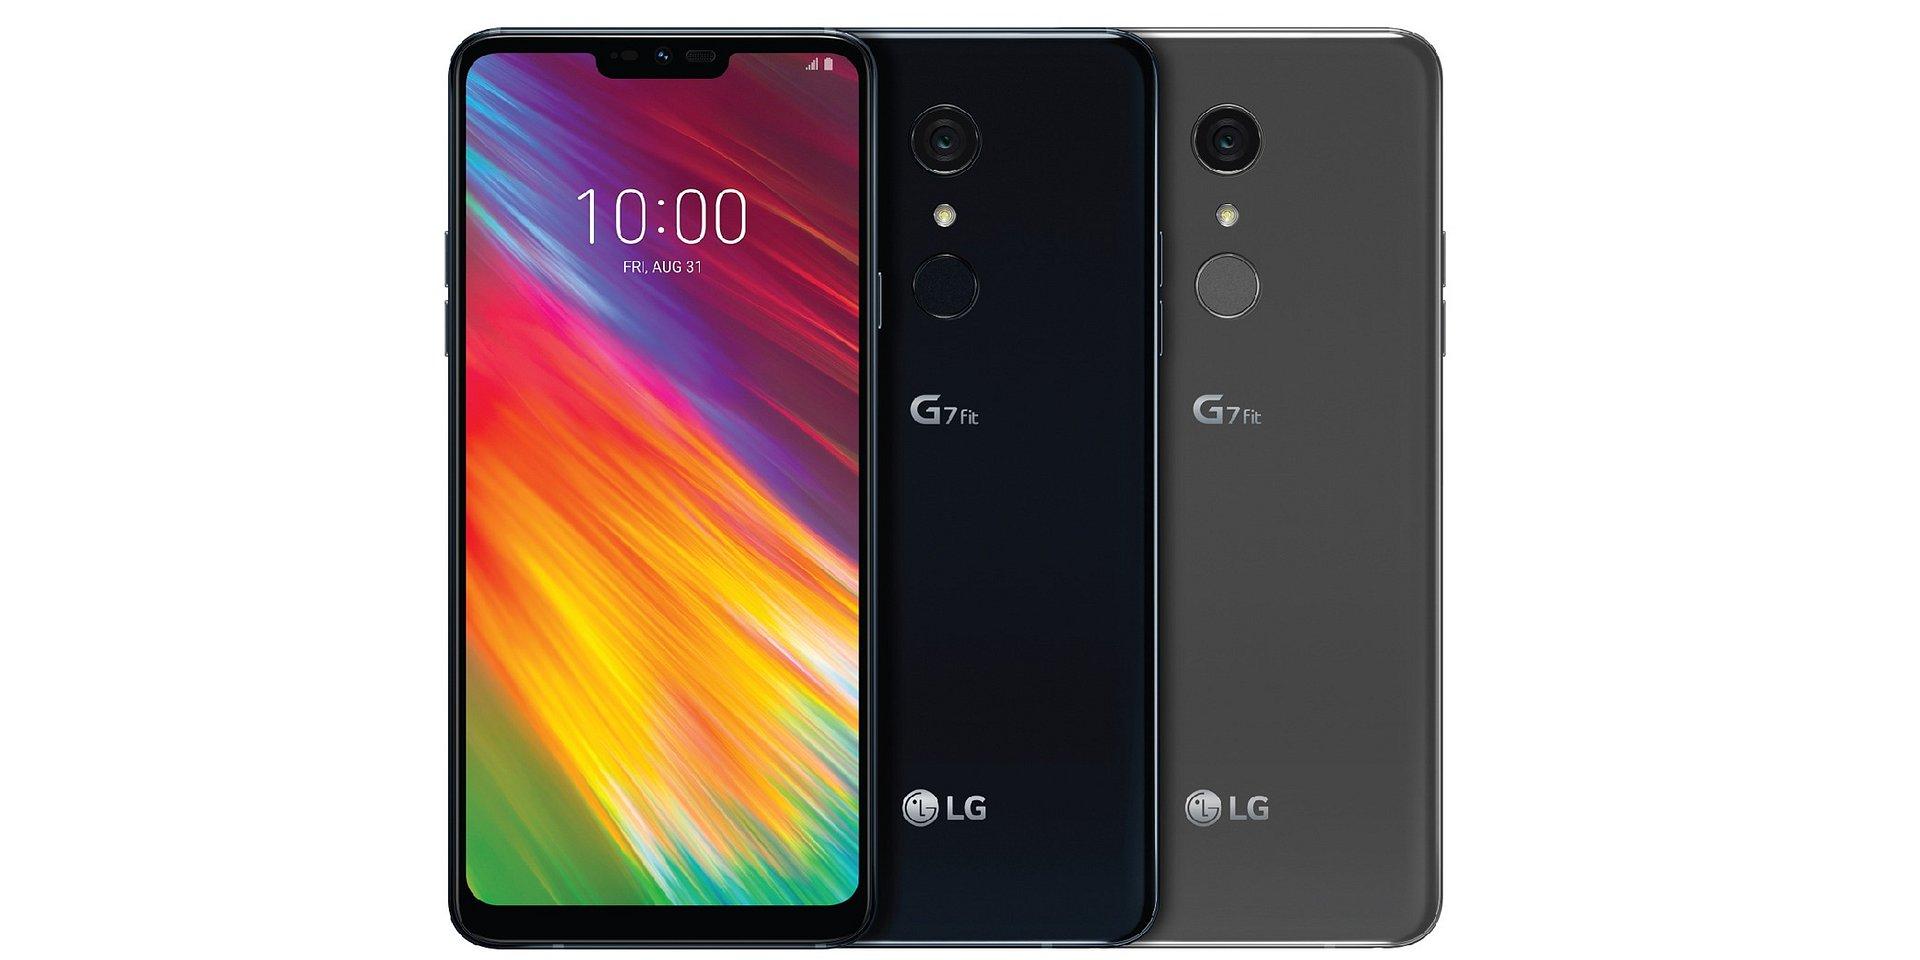 LG prezentuje nowy smartfon LG G7 fit oraz słuchawki LG Tone Platinum SE z Asystentem Google